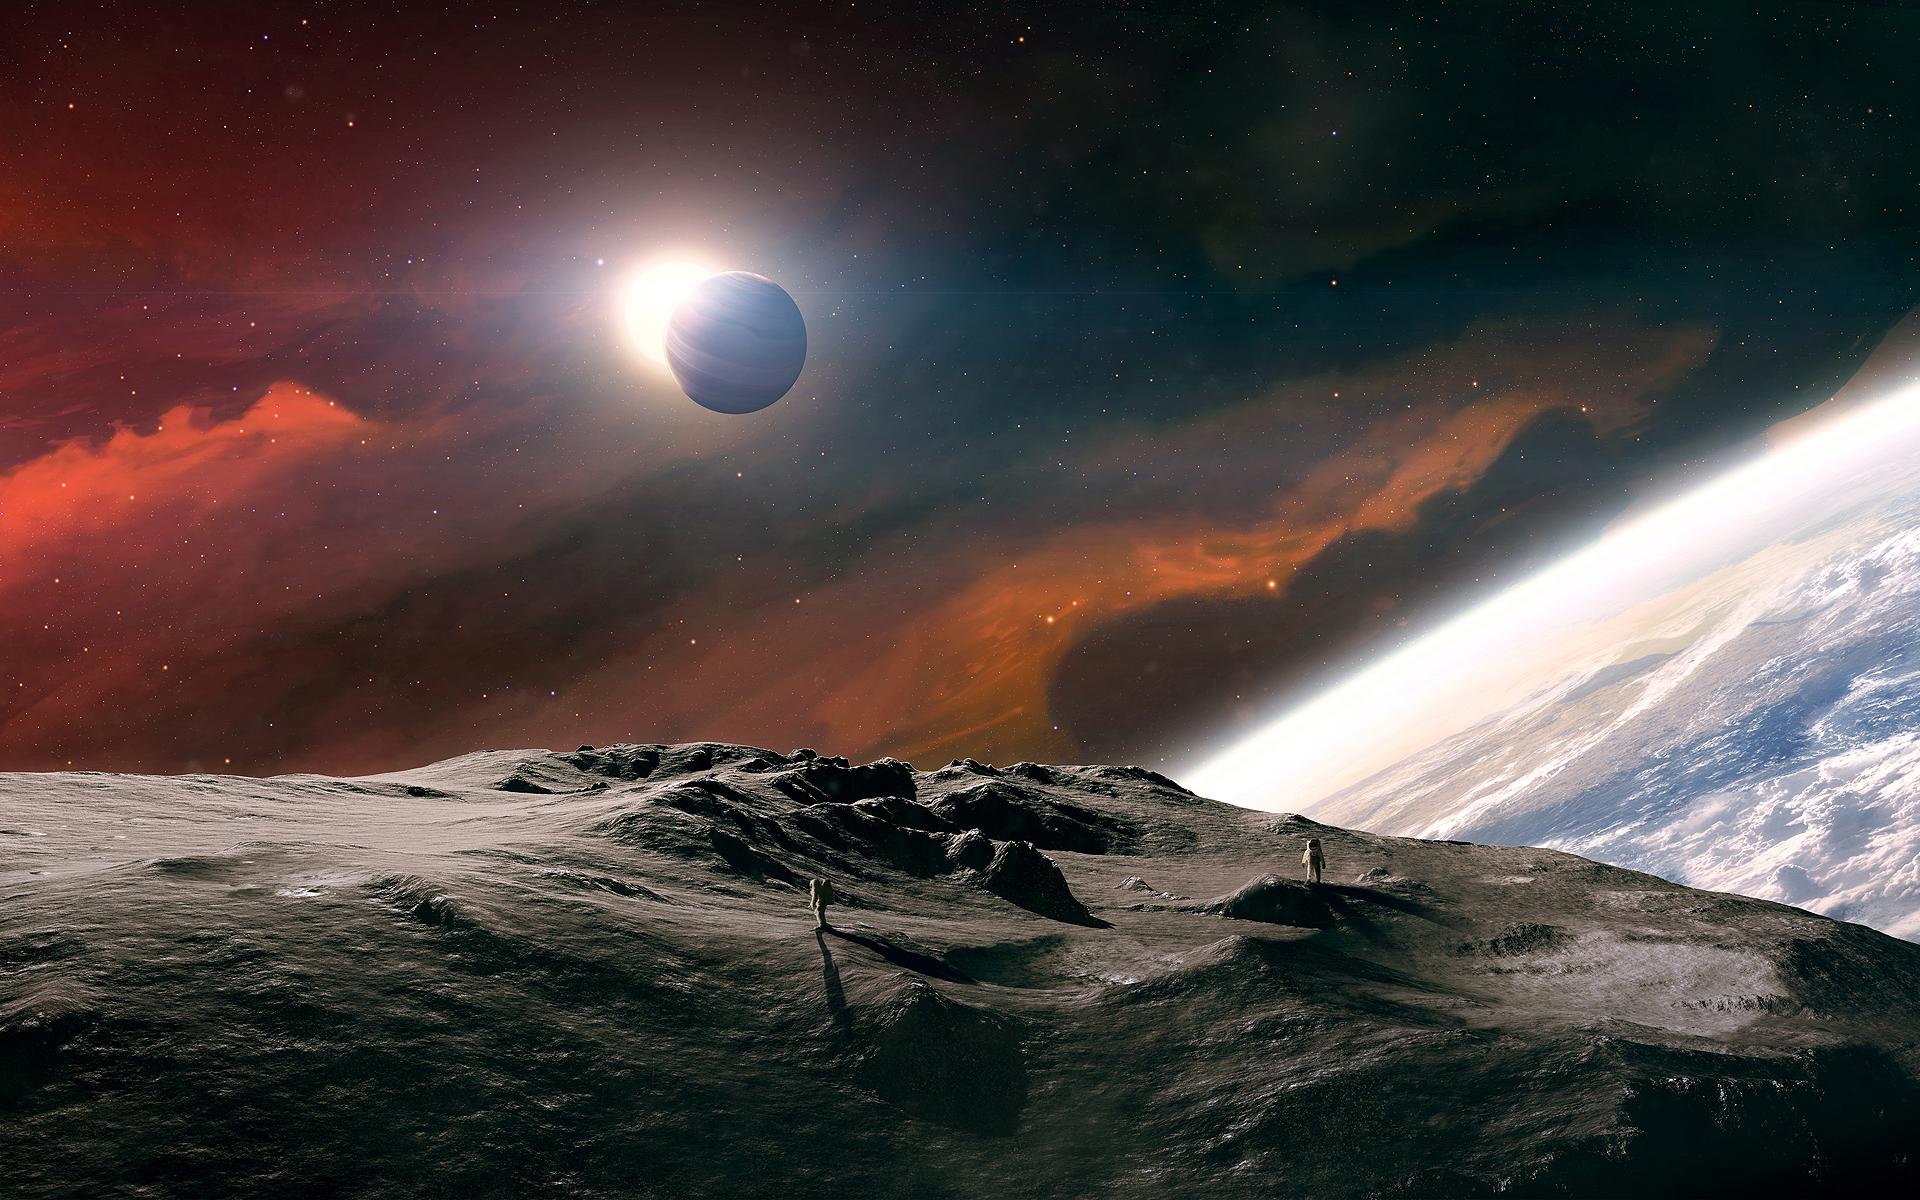 Обои Восход на орбите картинки на рабочий стол на тему Космос - скачать скачать